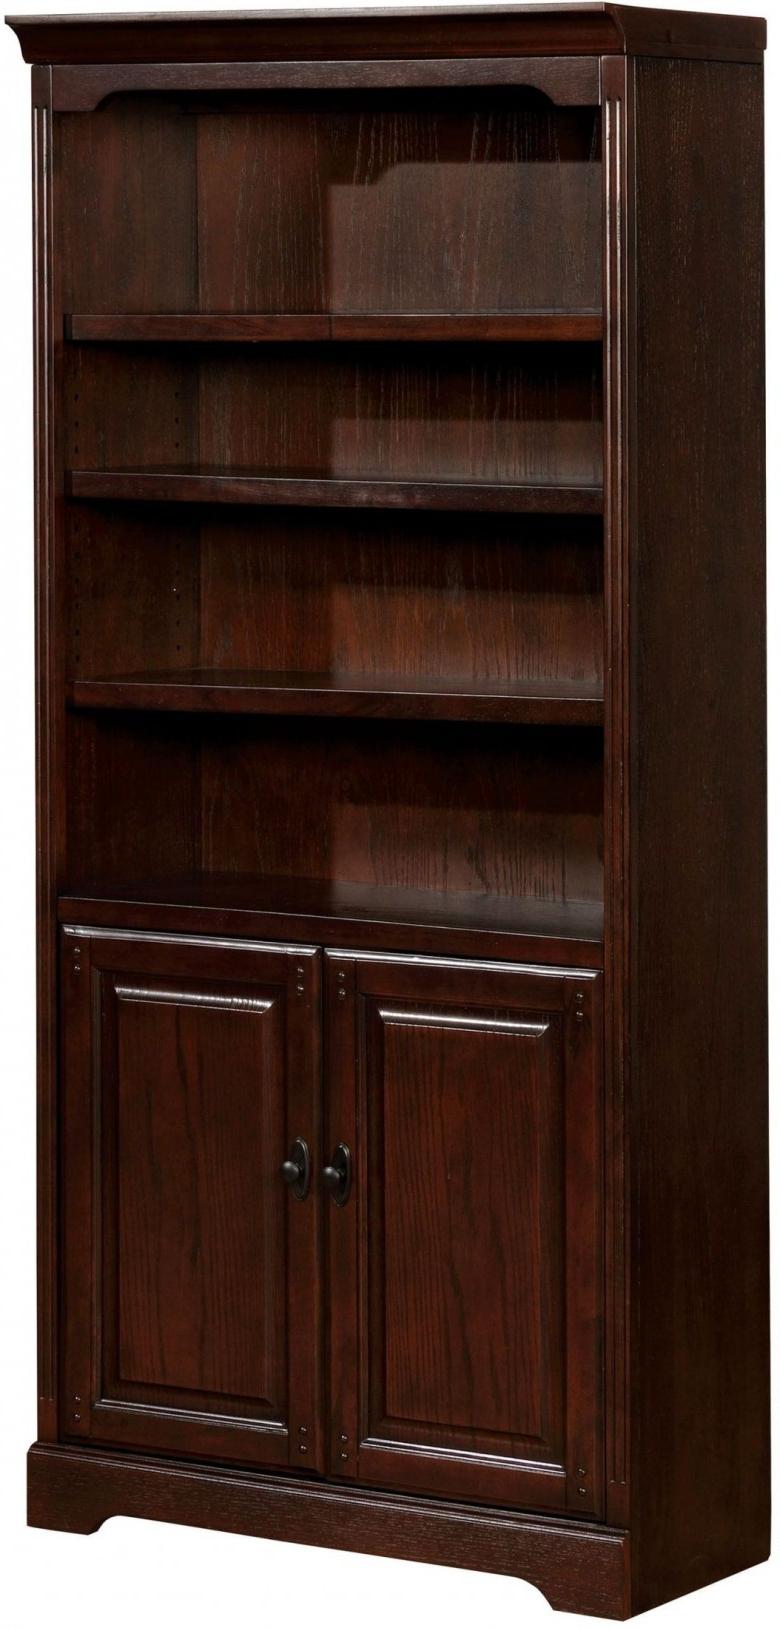 Tami Standard Bookcases Regarding Well Liked Tami Dark Walnut Book Shelf (View 4 of 20)